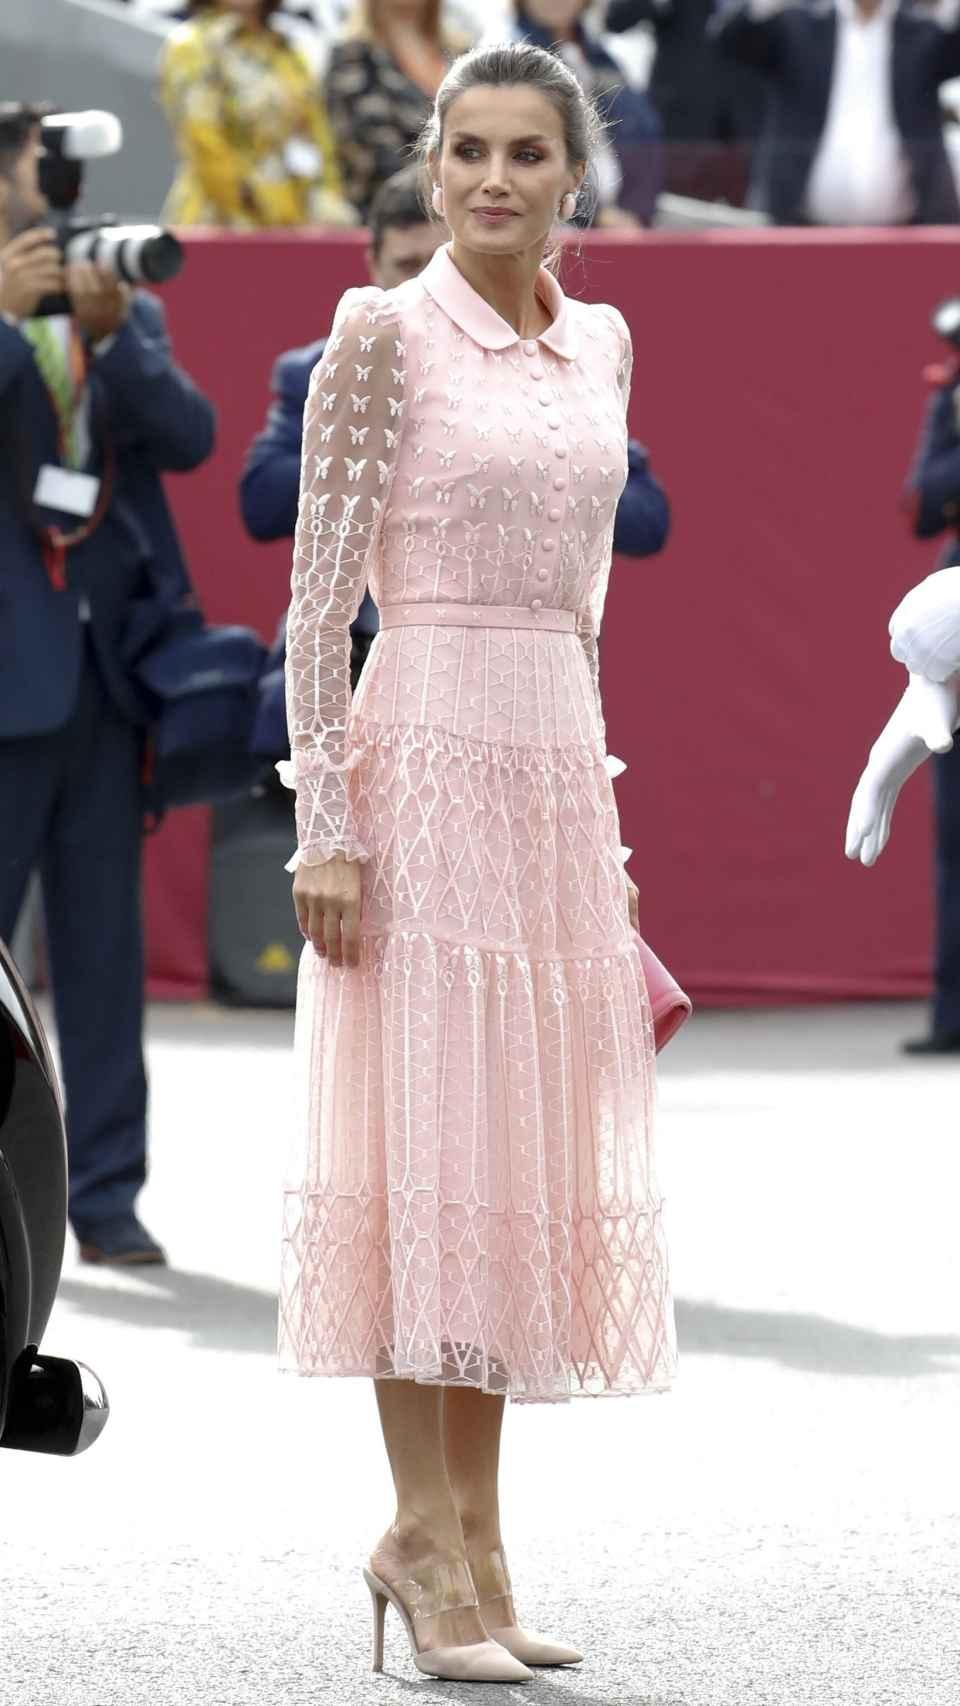 La reina vuelve a inspirarse en los diseños tipo bailarina para su 12 de octubre, como ya hizo el año pasado.